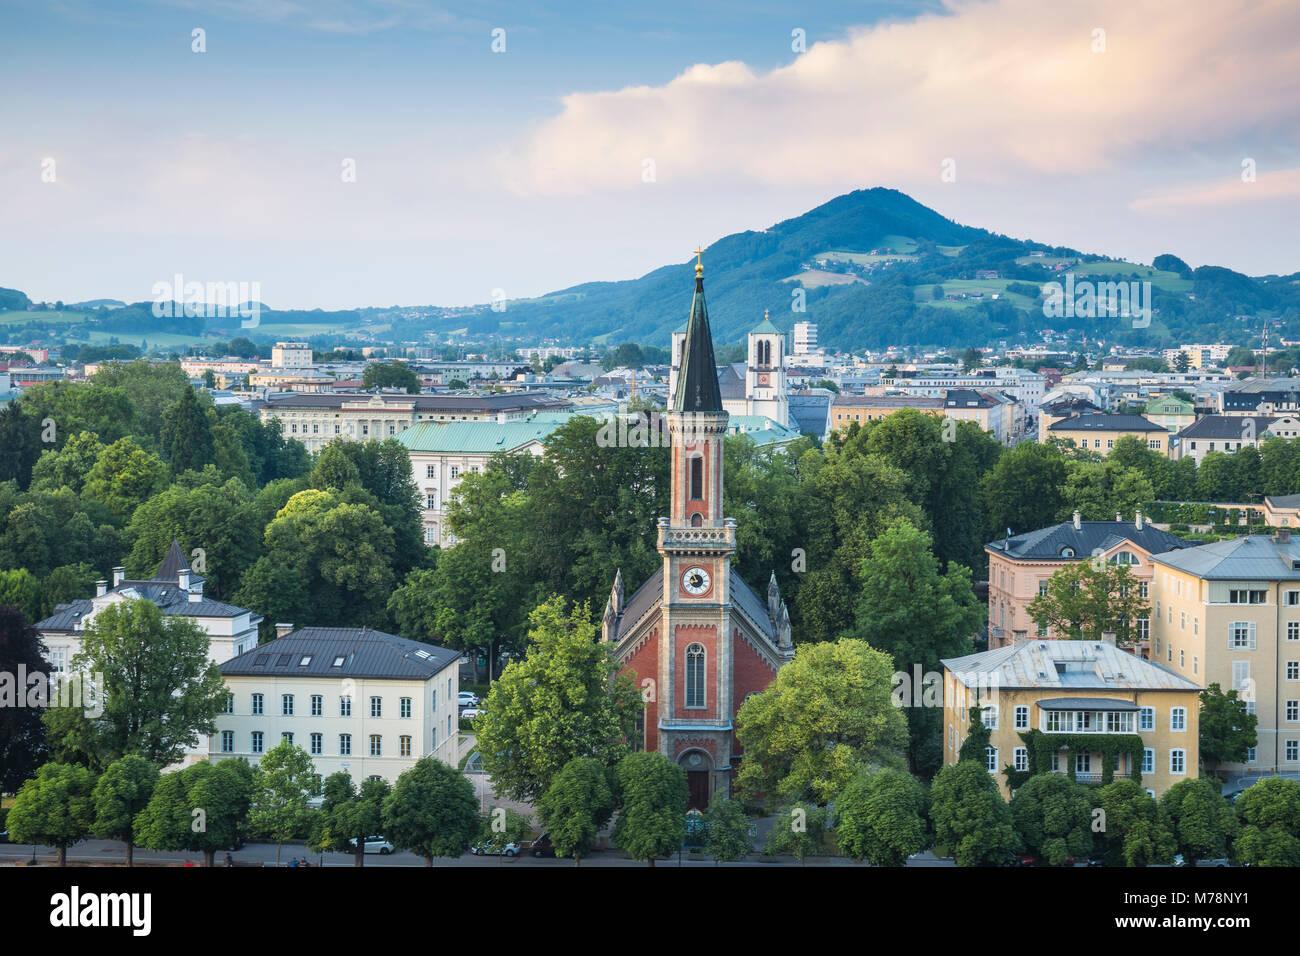 Ansicht der Evangelischen Kirche Christi, Salzburg, Österreich, Europa Stockfoto